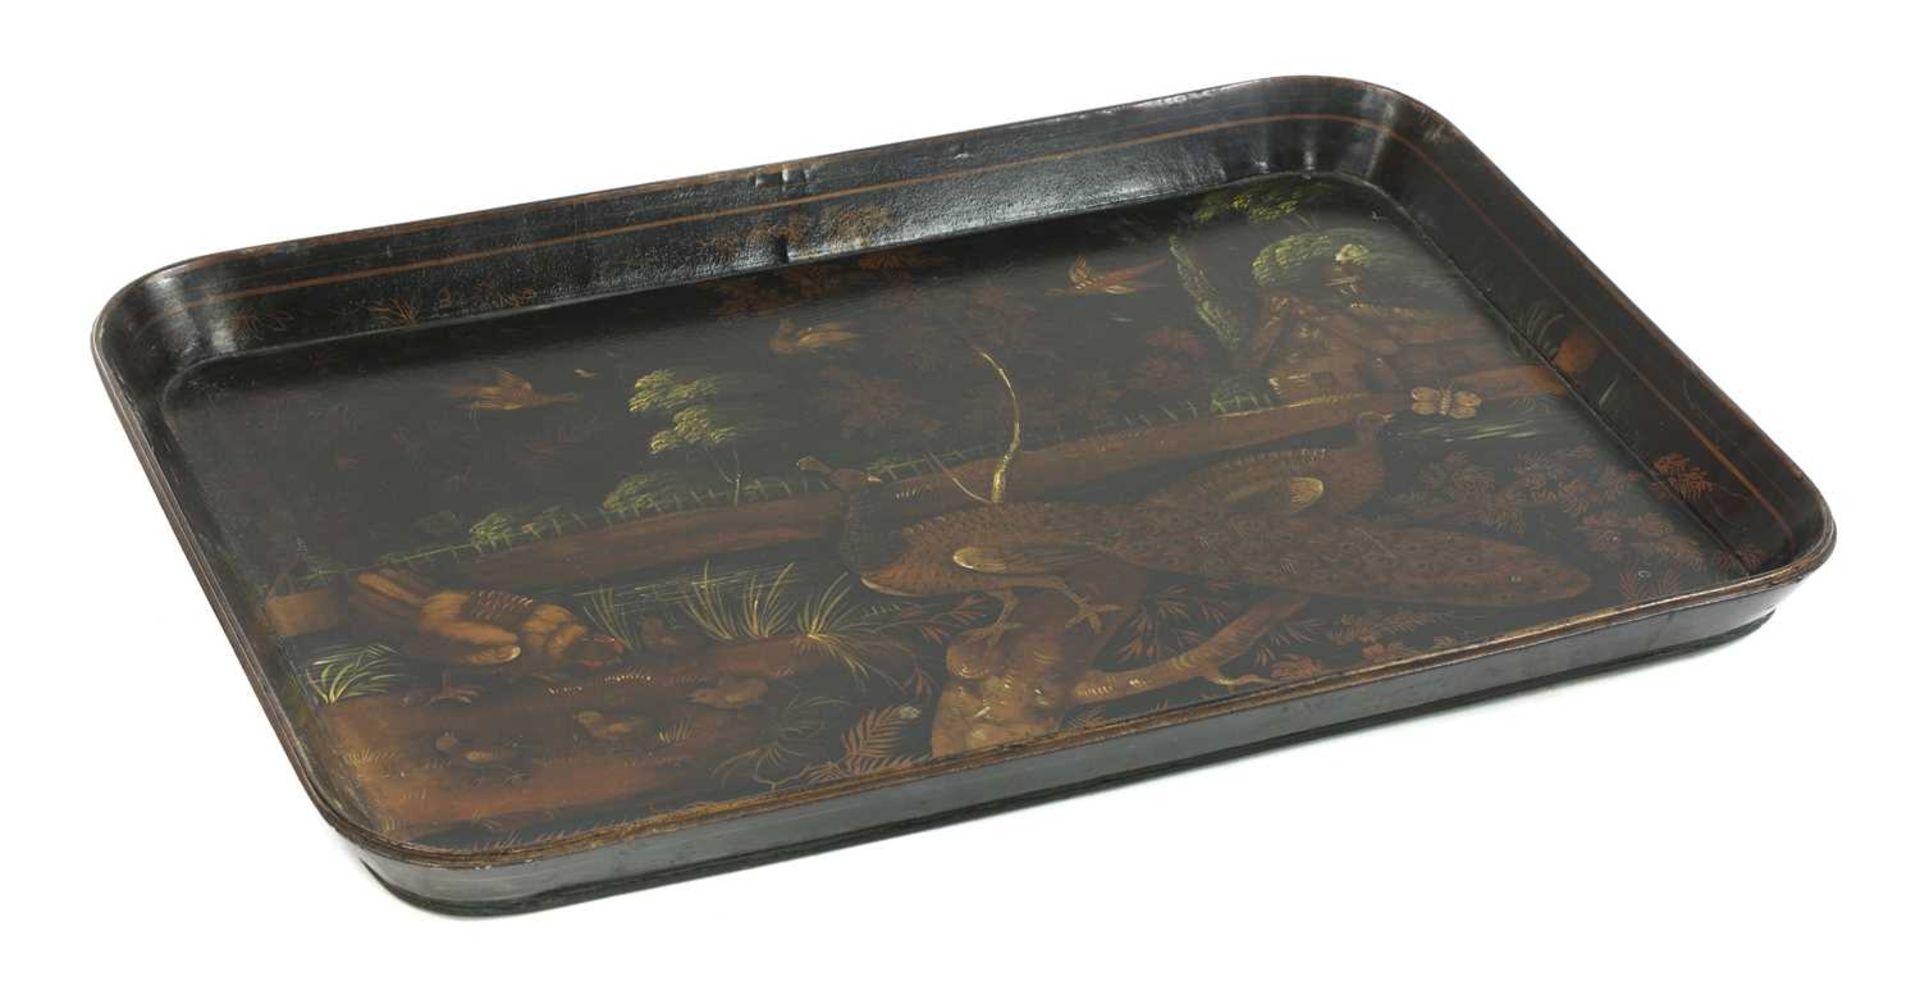 A Regency papier mâché lacquer tray, - Image 2 of 2